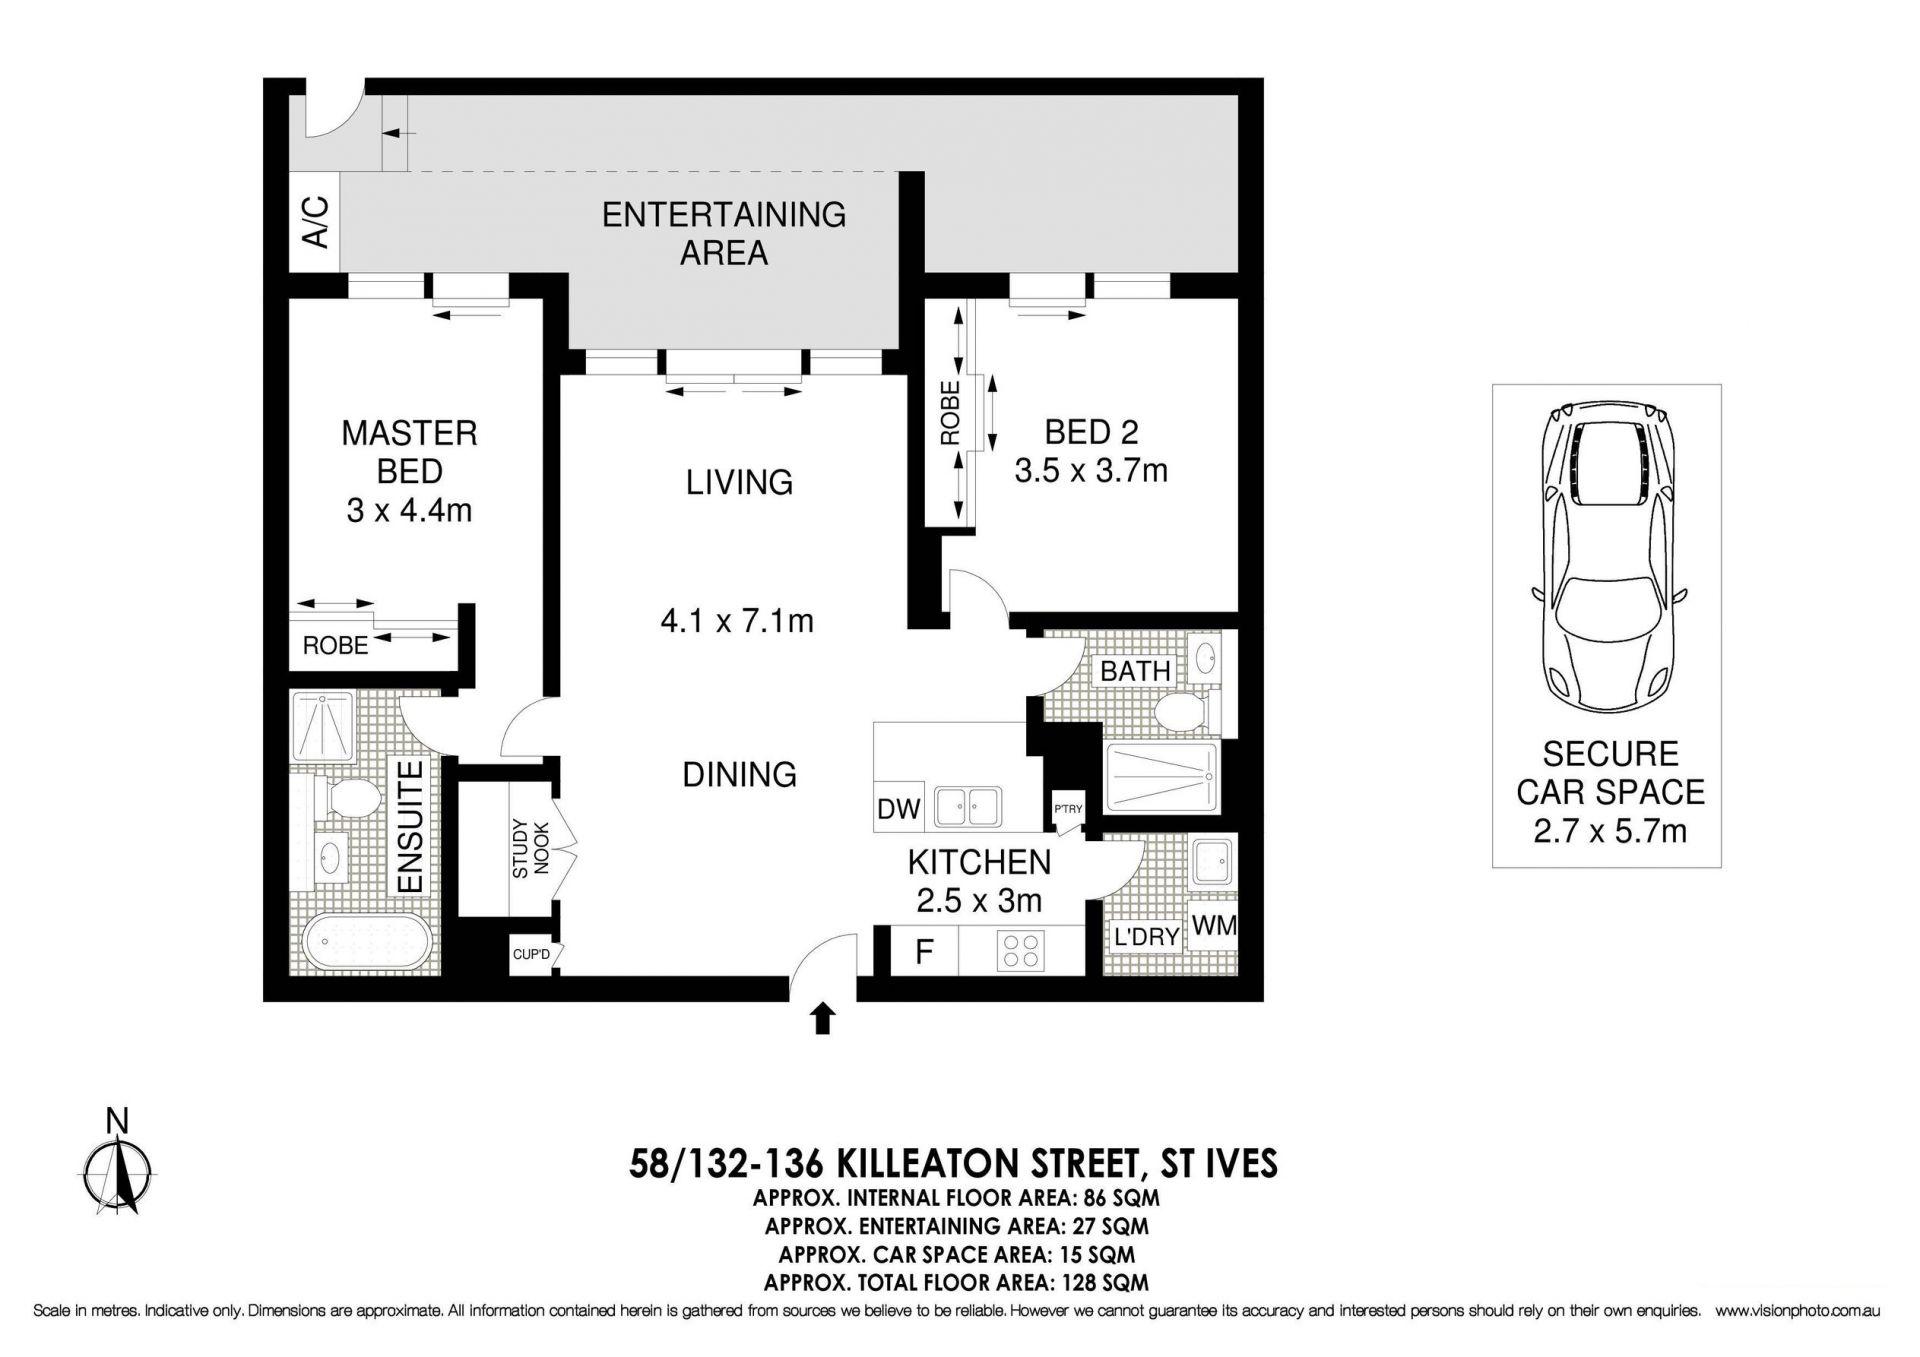 58/132-138 Killeaton Street St Ives 2075